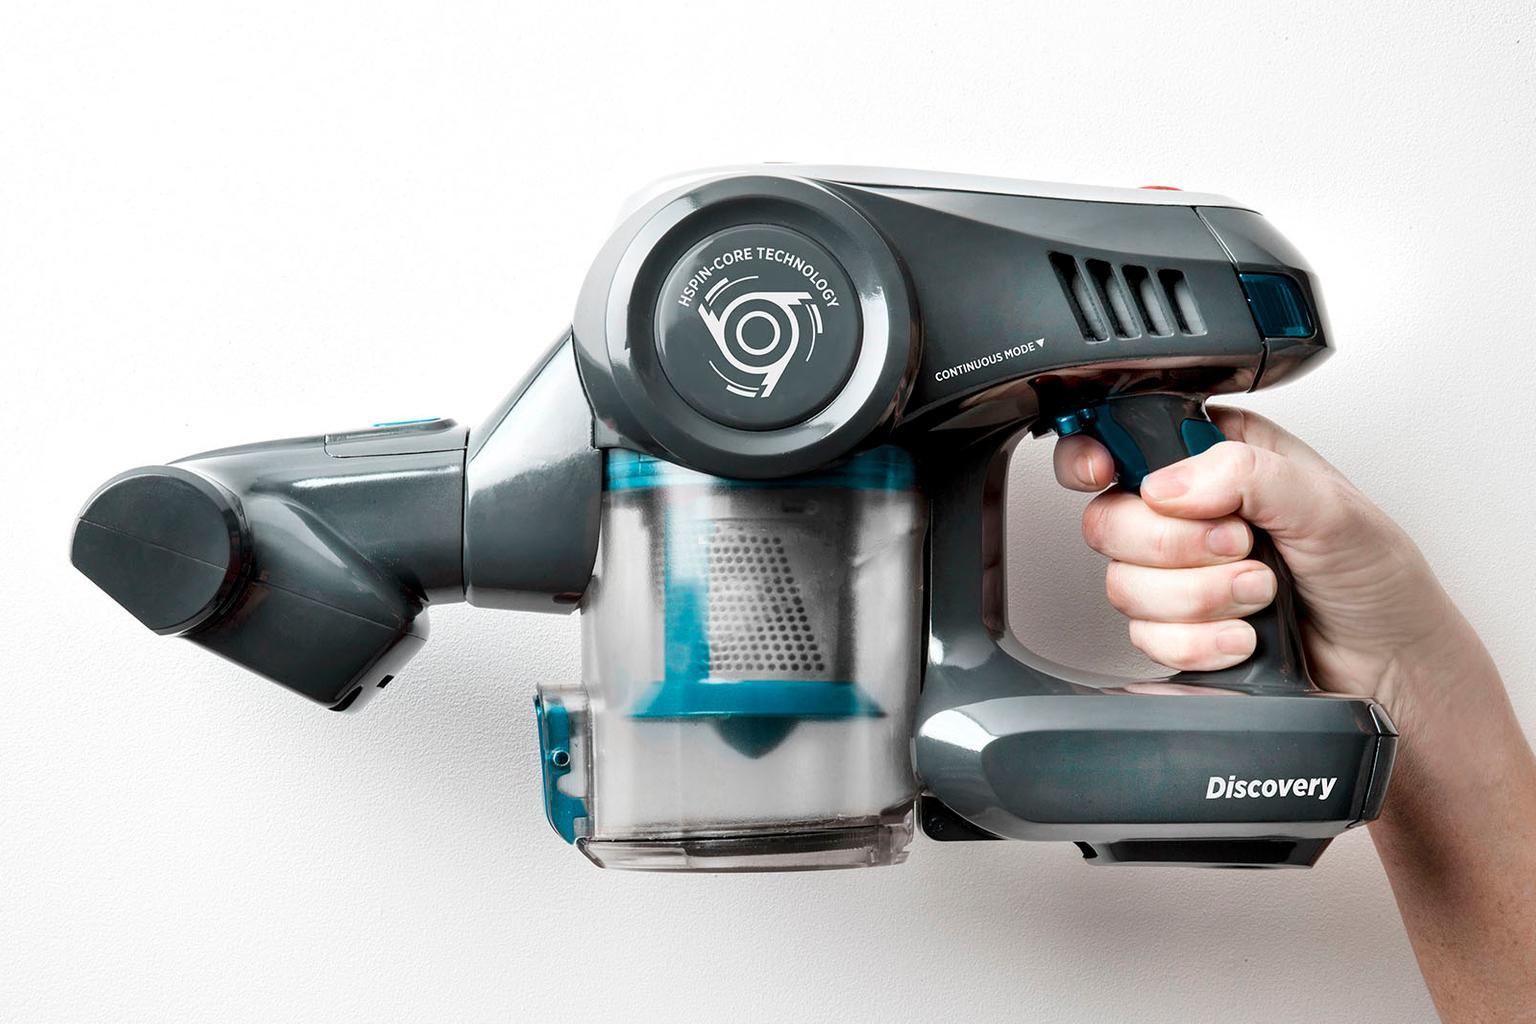 Best handheld vacuum cleaners 2017 - Group Test